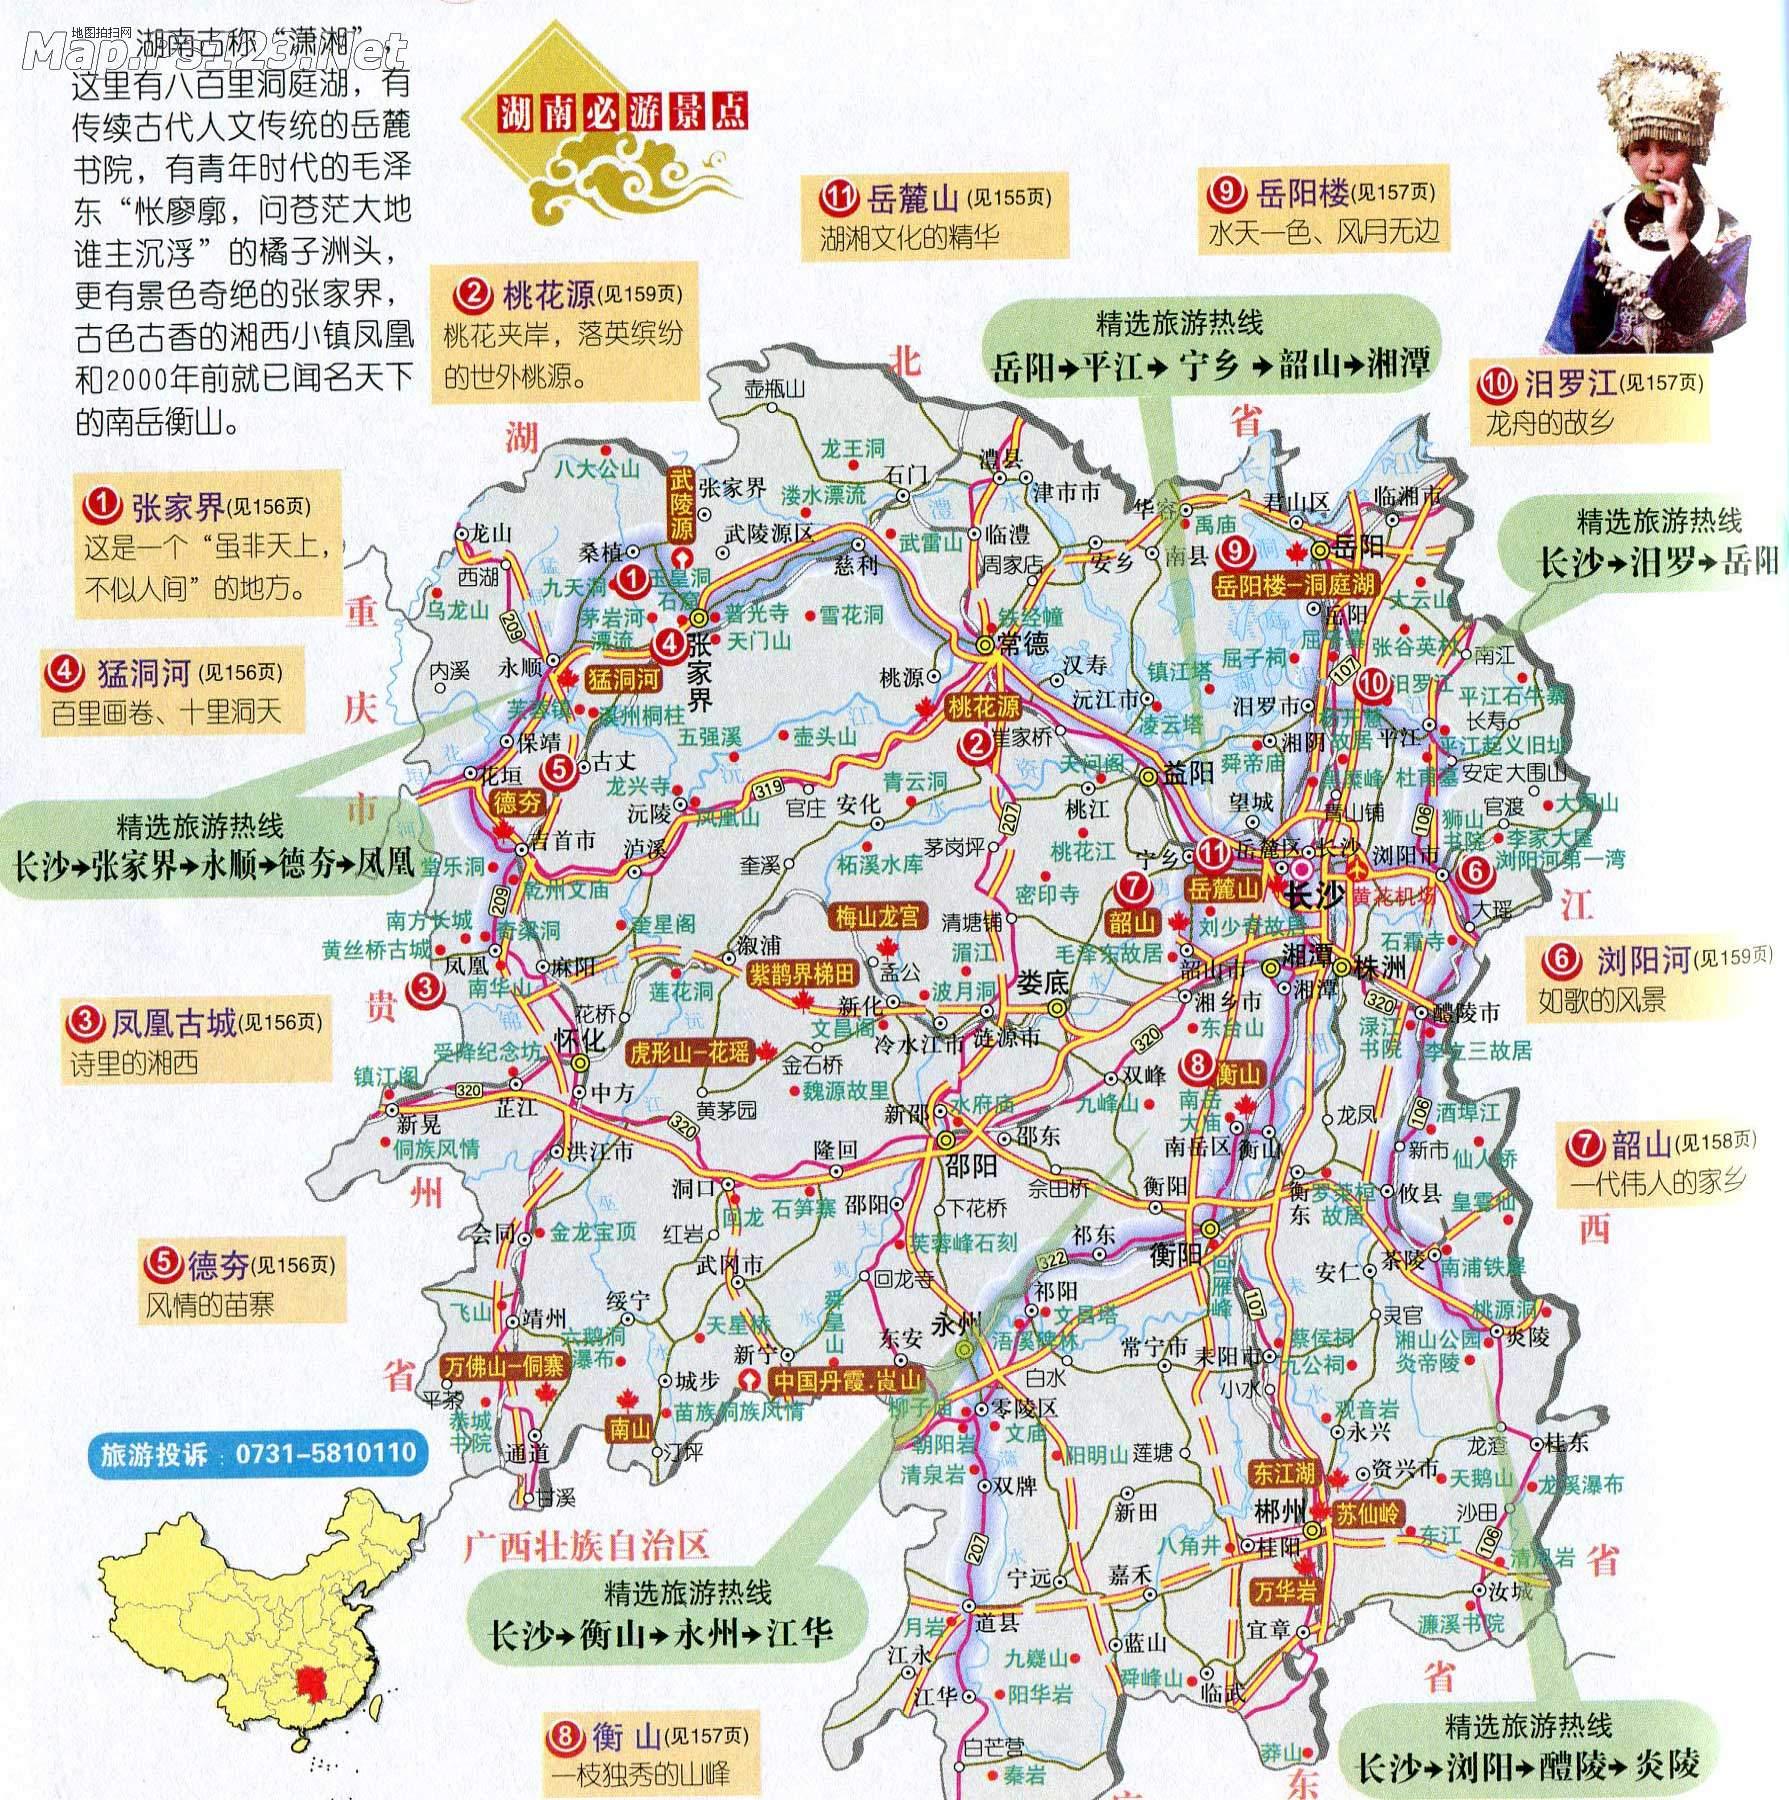 河南省旅游地图(必游景点)